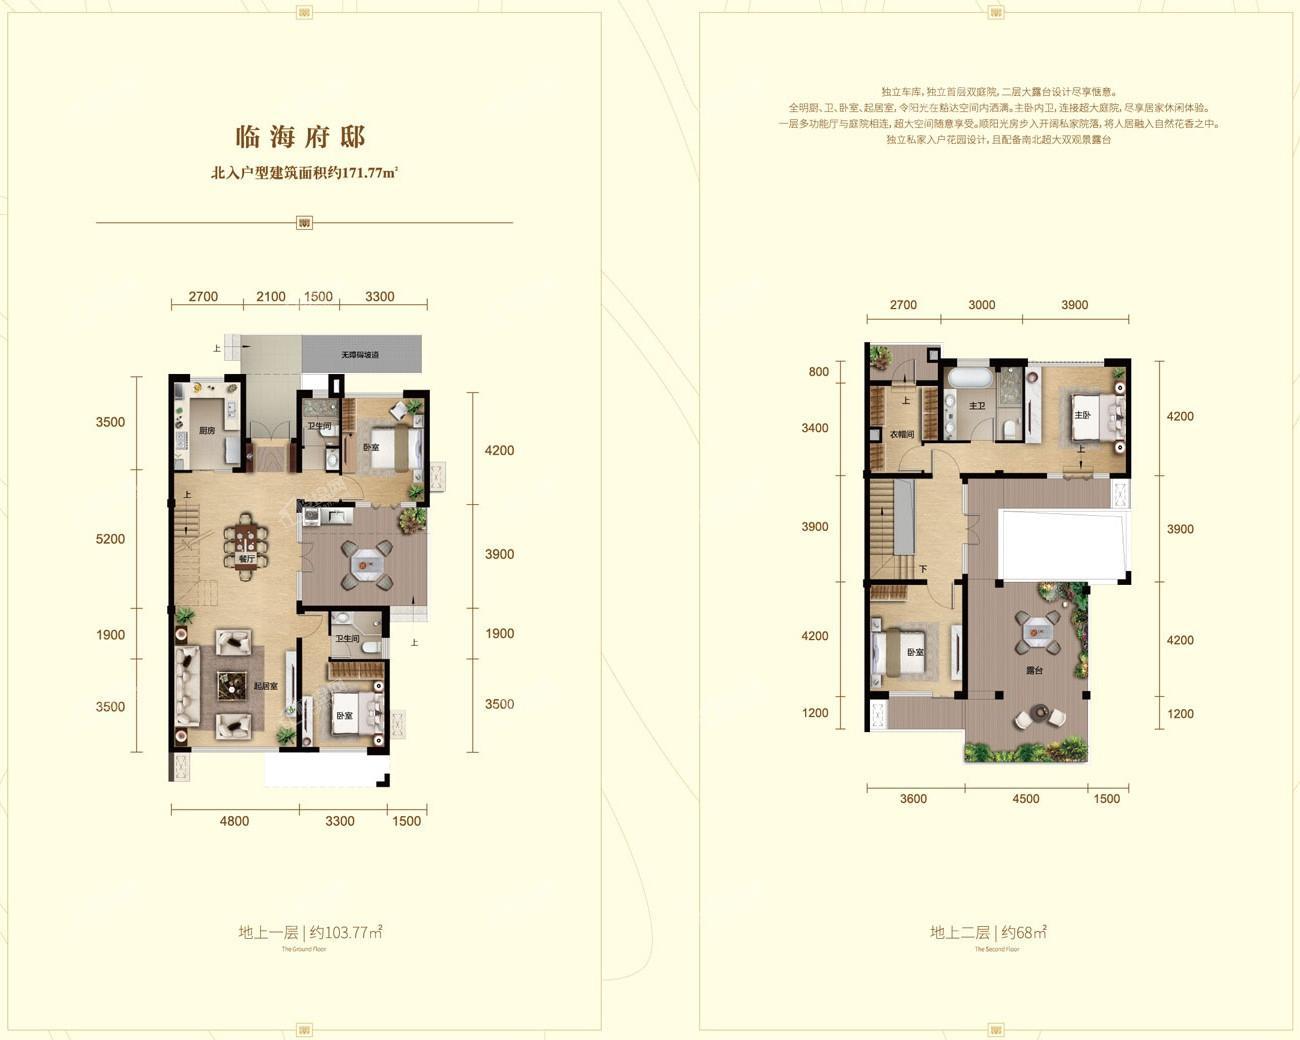 中信国安北海第一城第二块地联排别墅户型2